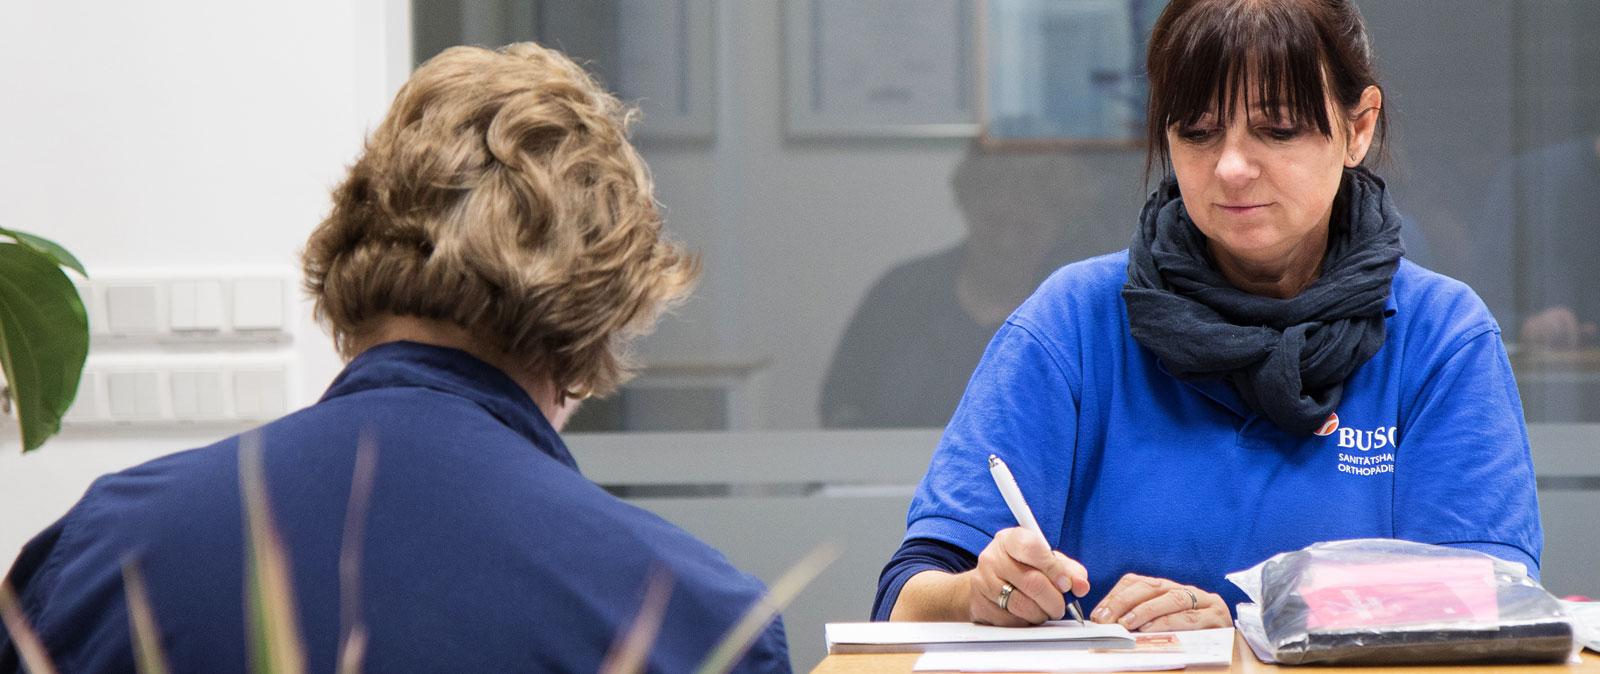 BUSCH. Orthopädietechnik und Sanitätshaus in Halle (Saale) – Für Patienten